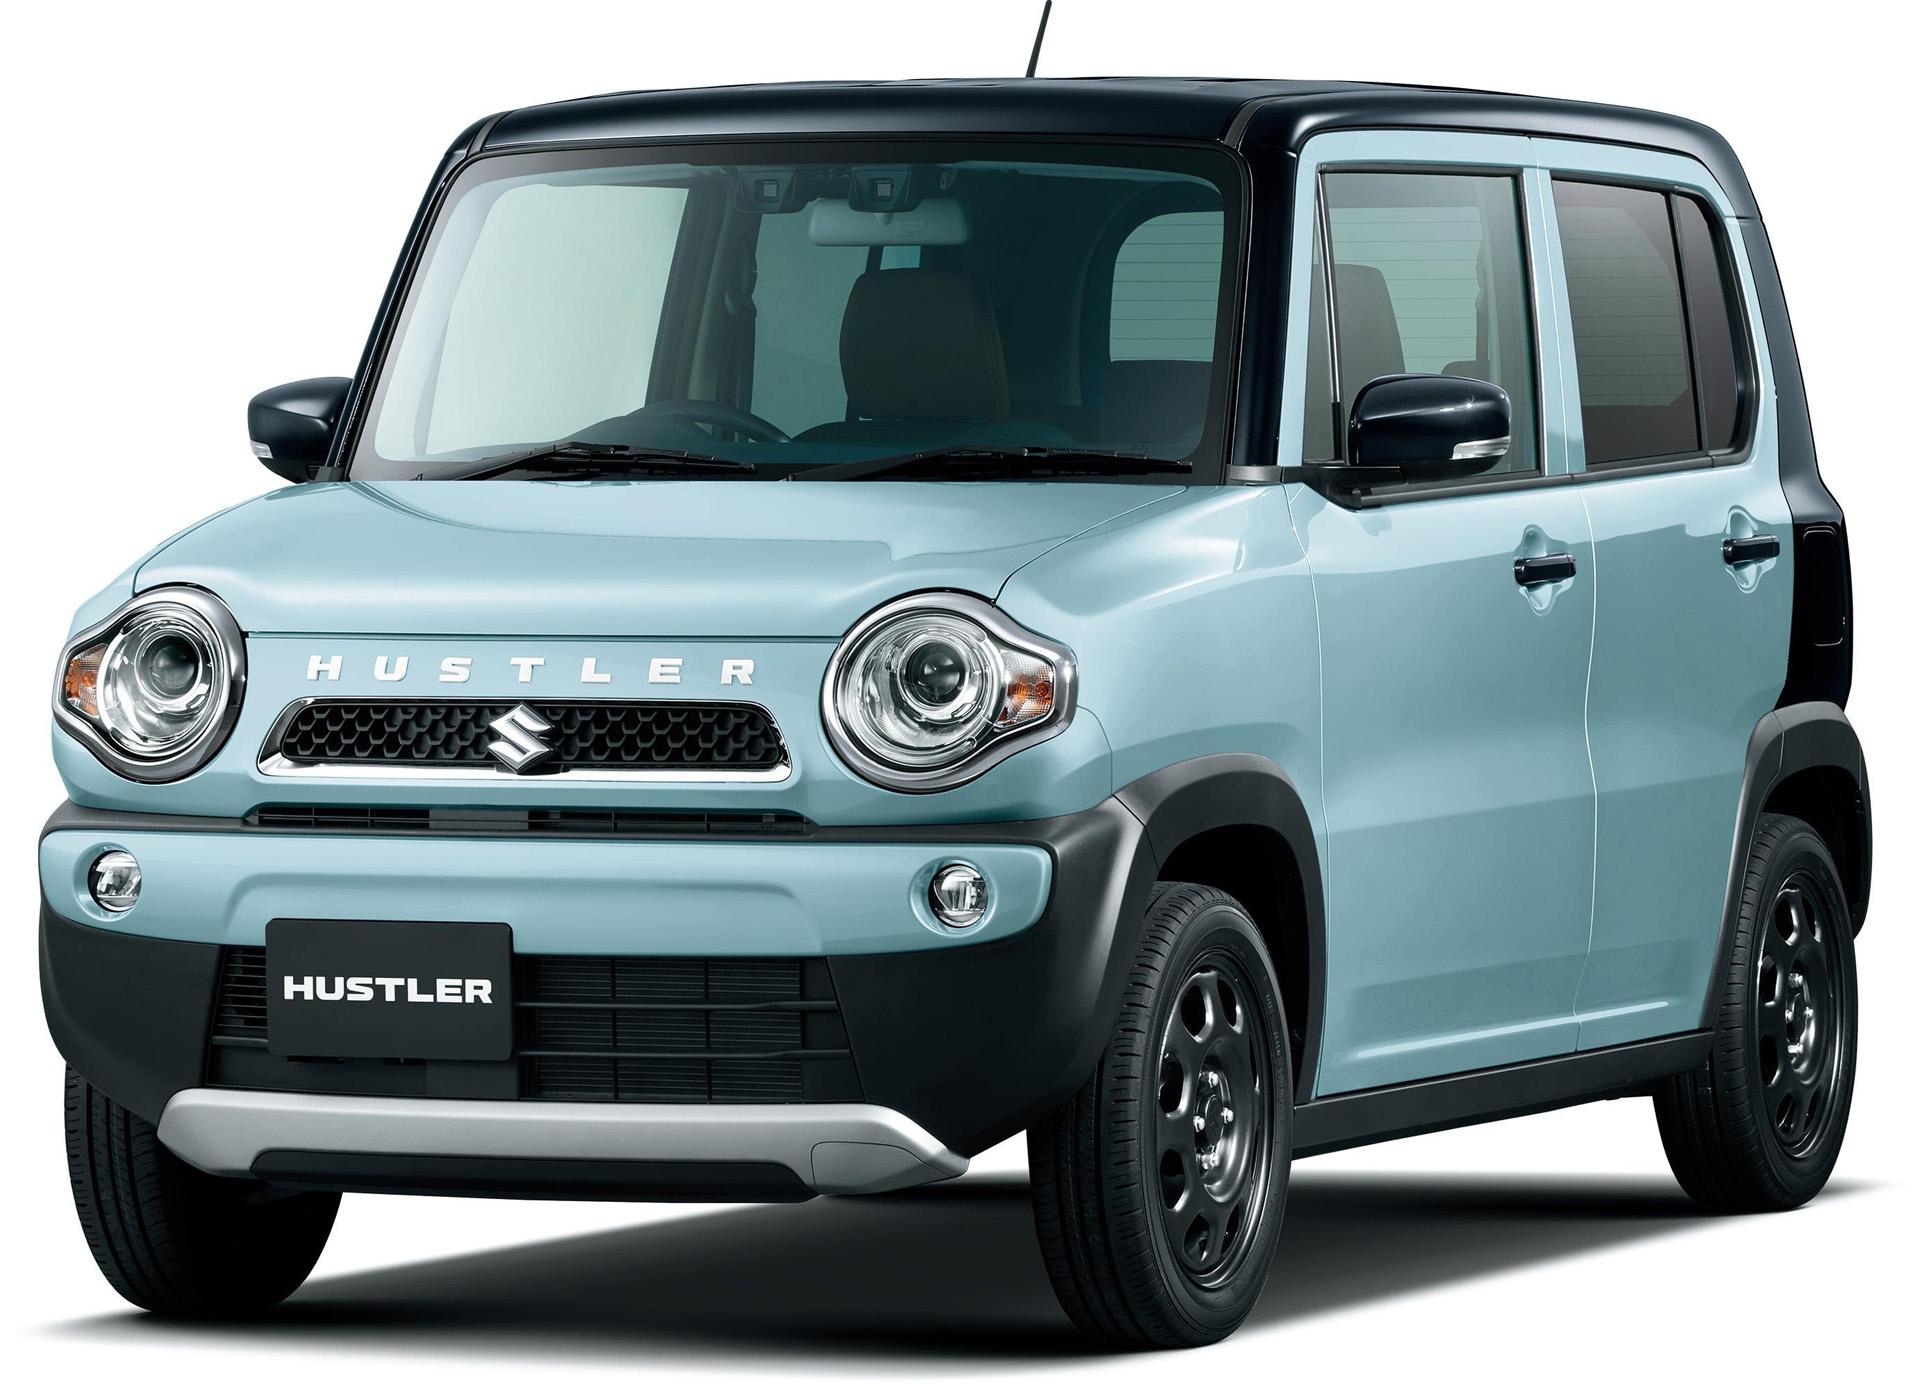 новый Suzuki Hustler 2020 фото